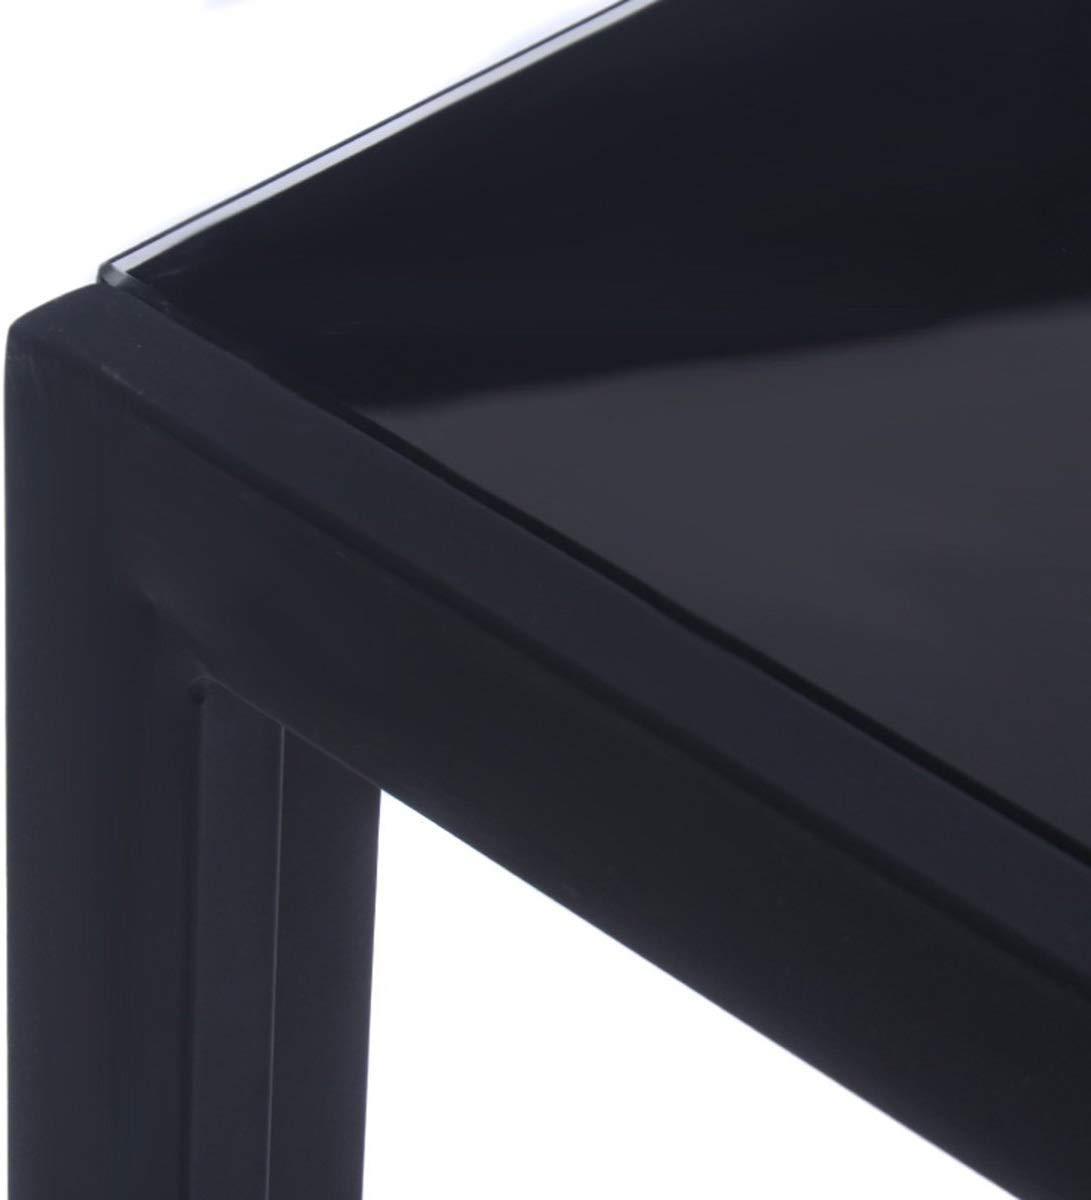 Nero 115 * 68 * 75 cm EBS Tavolo da Pranzo in Vetro Temperato Lucido con Gambe in Metallo